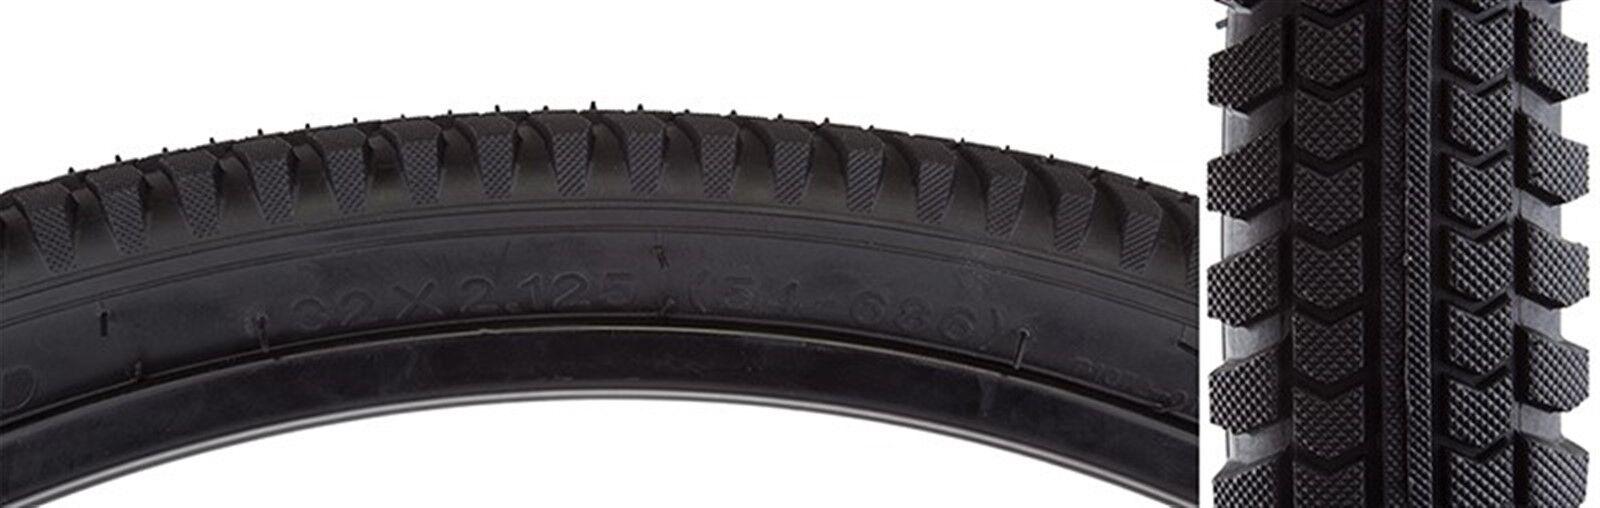 Sunlite Cruiser Directional Tires  - Cruiser - 32X2.125 - 686 - Wire - Bk Blk -